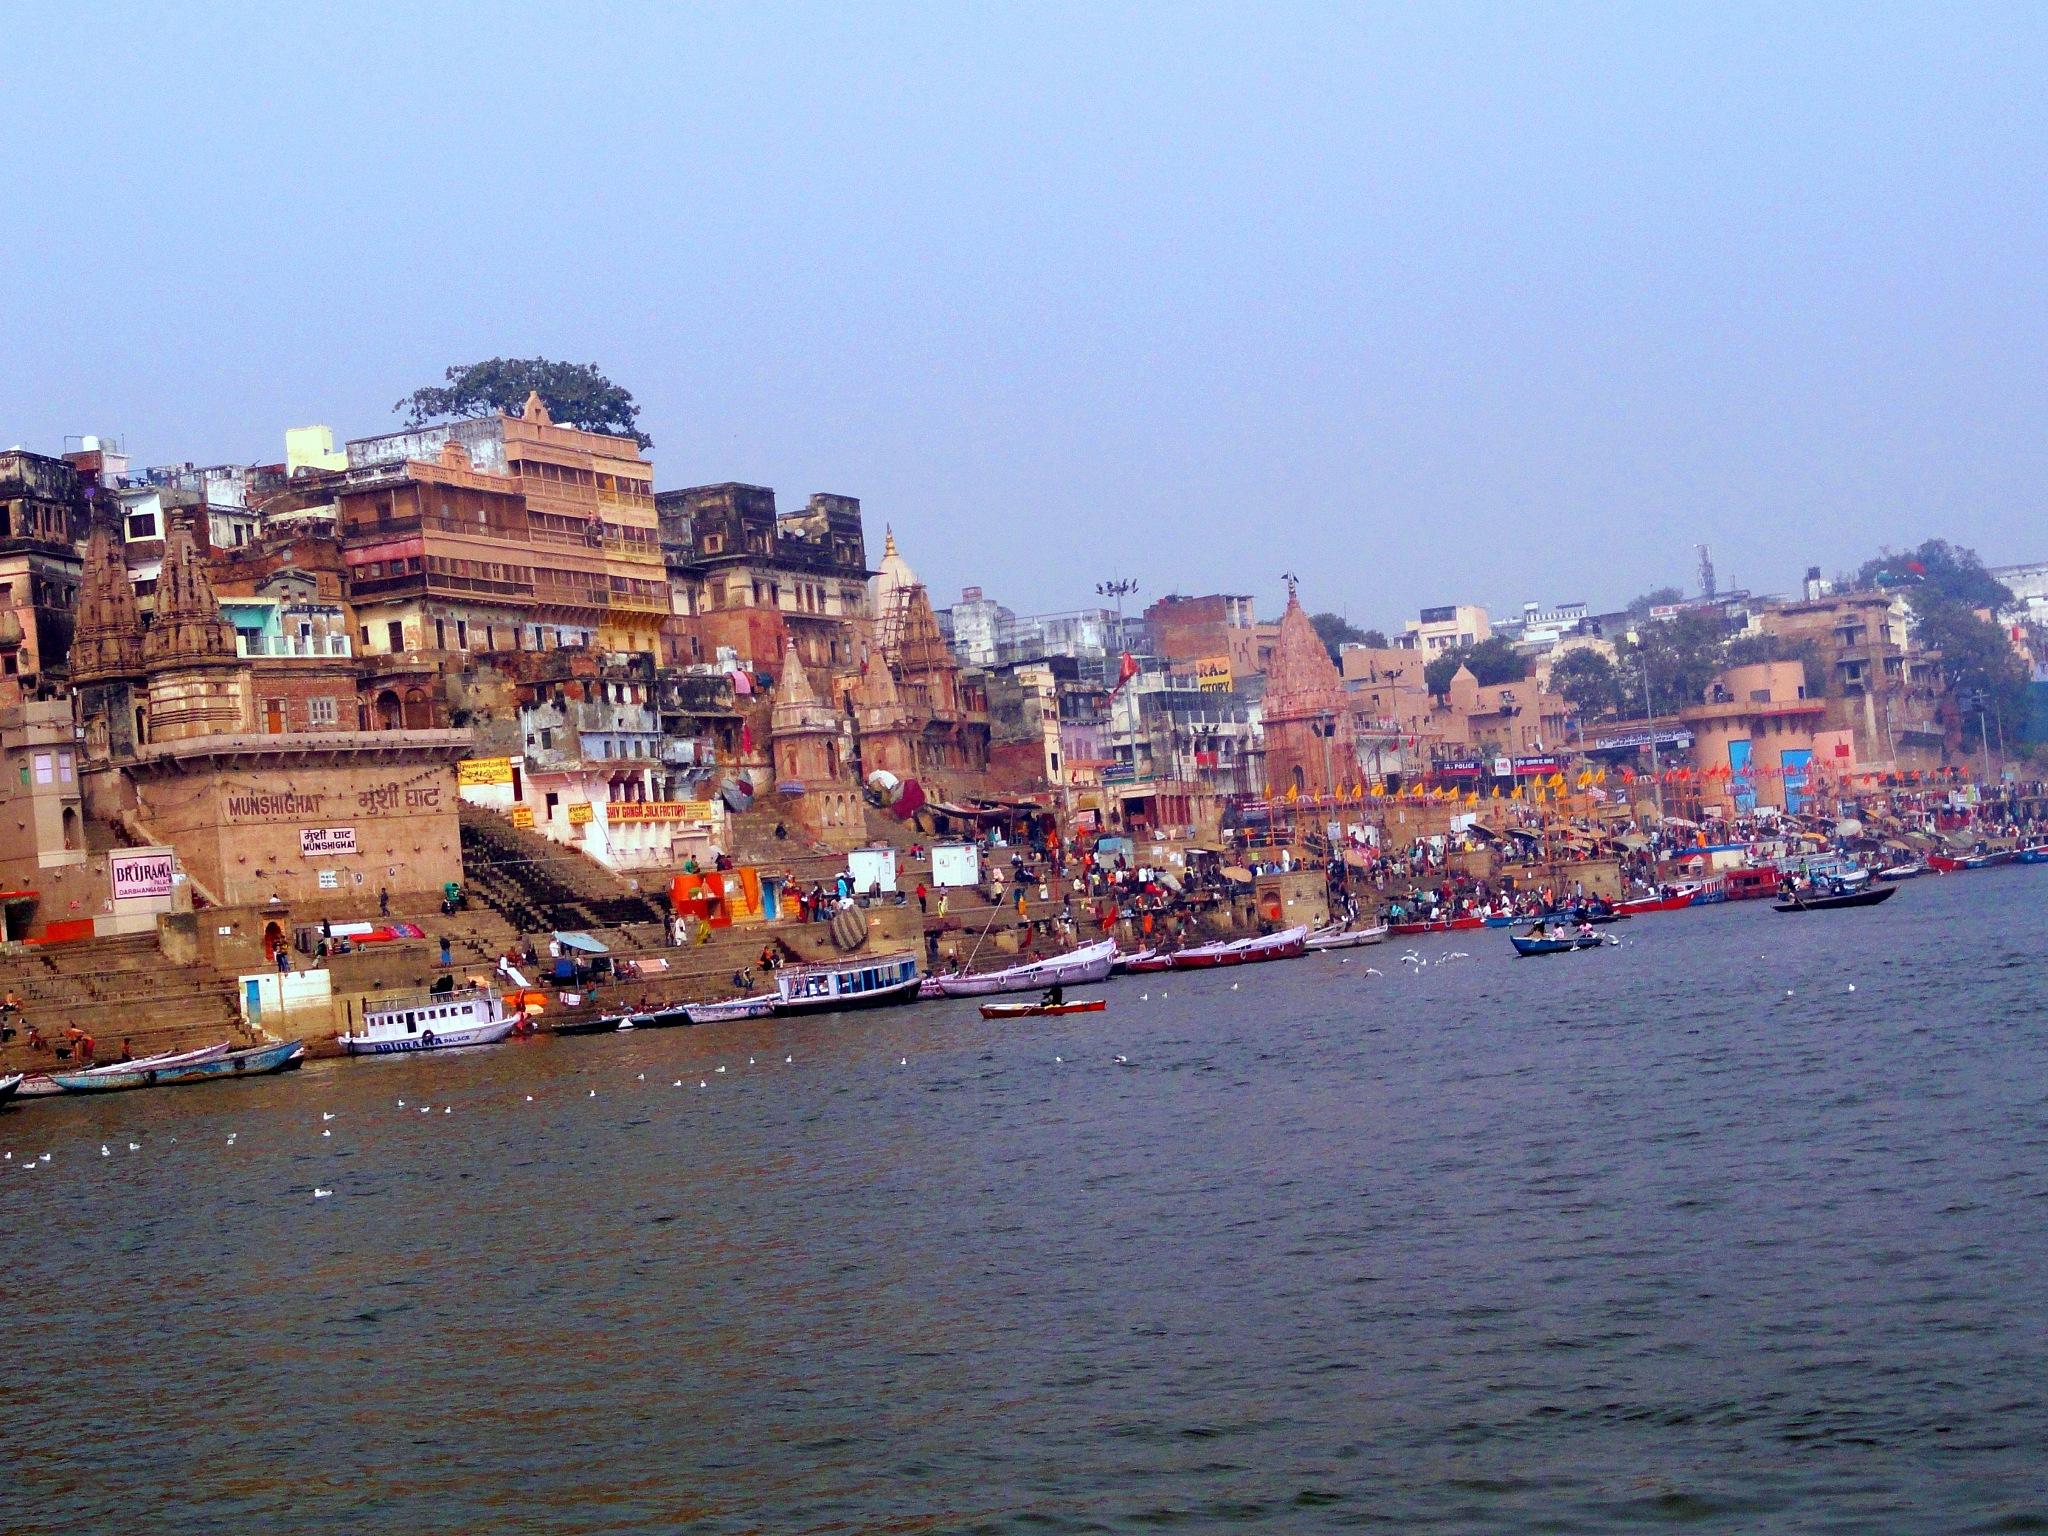 Beauty of Banaras at Ganges 5 by Suresh Tewari